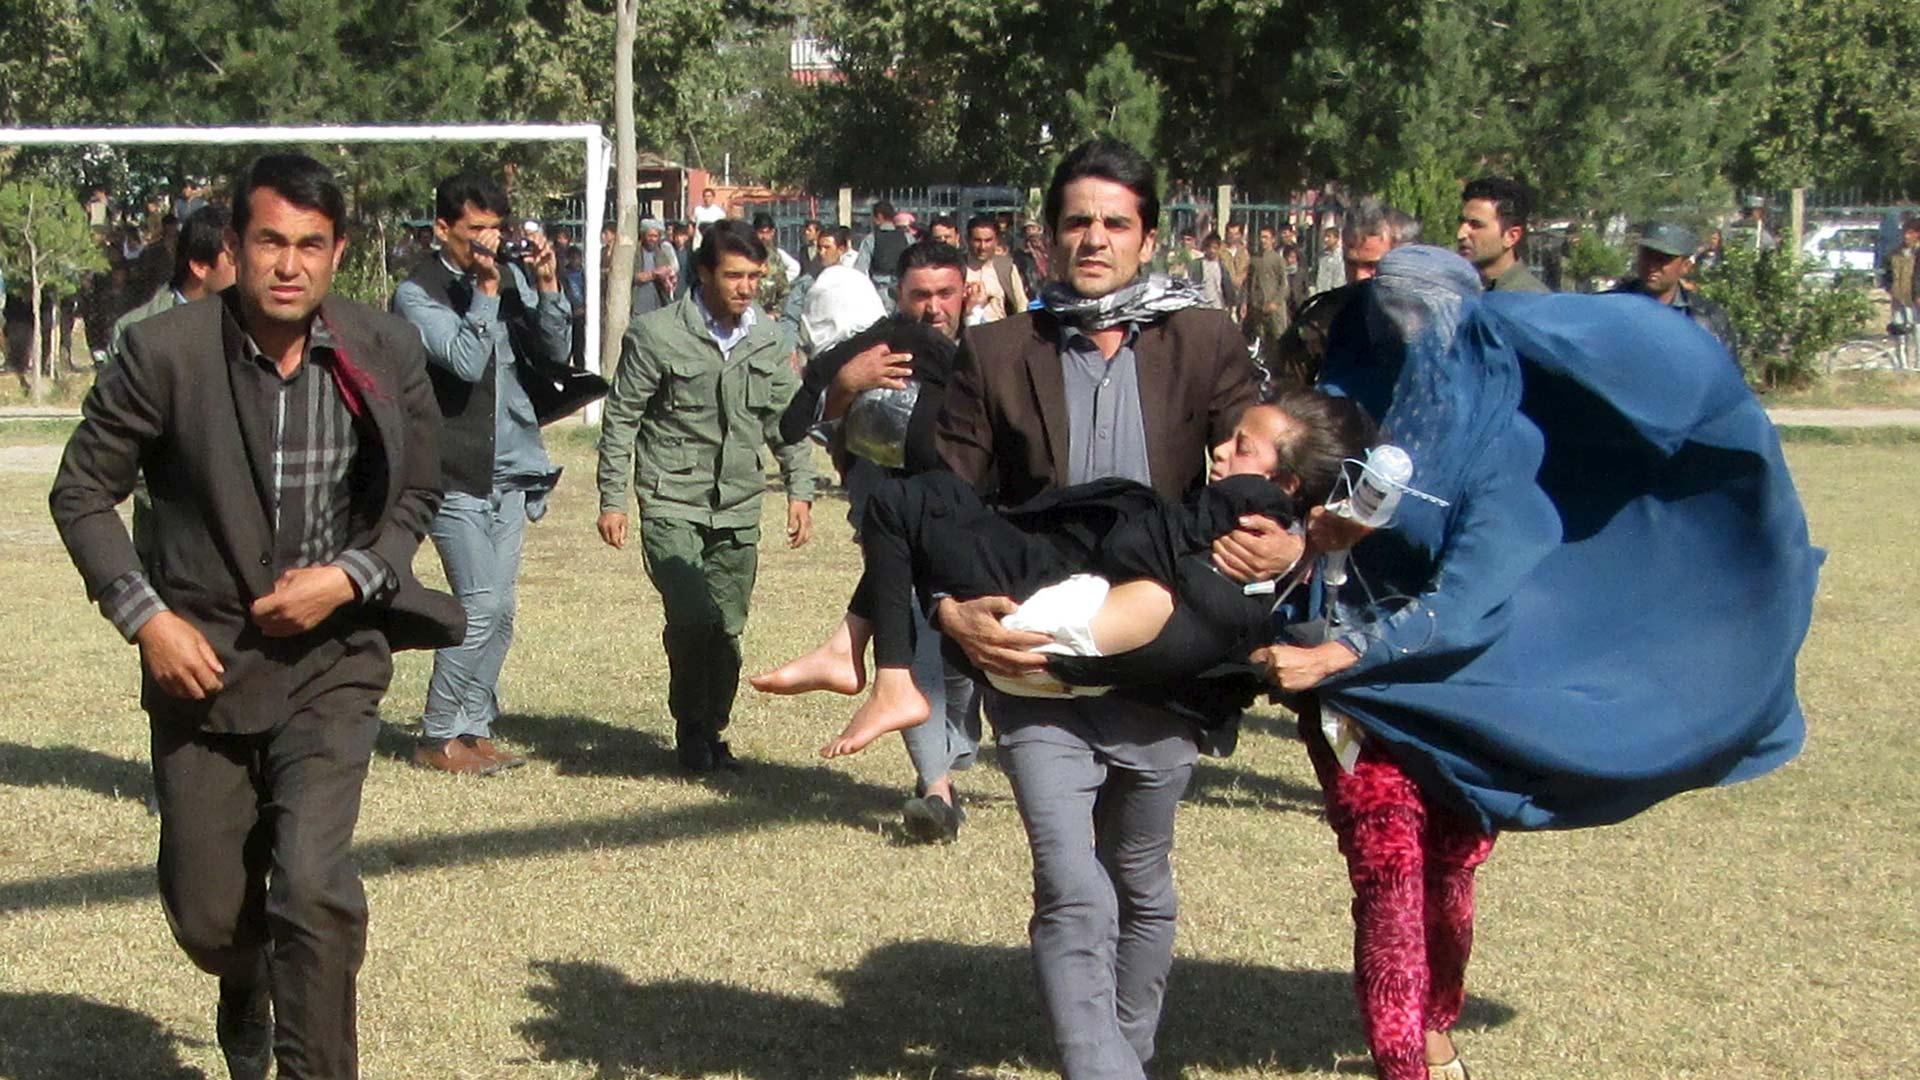 El primer ministro afgano, Nawaz Sharif, ha rechazado todas las ofertas de ayuda internacional